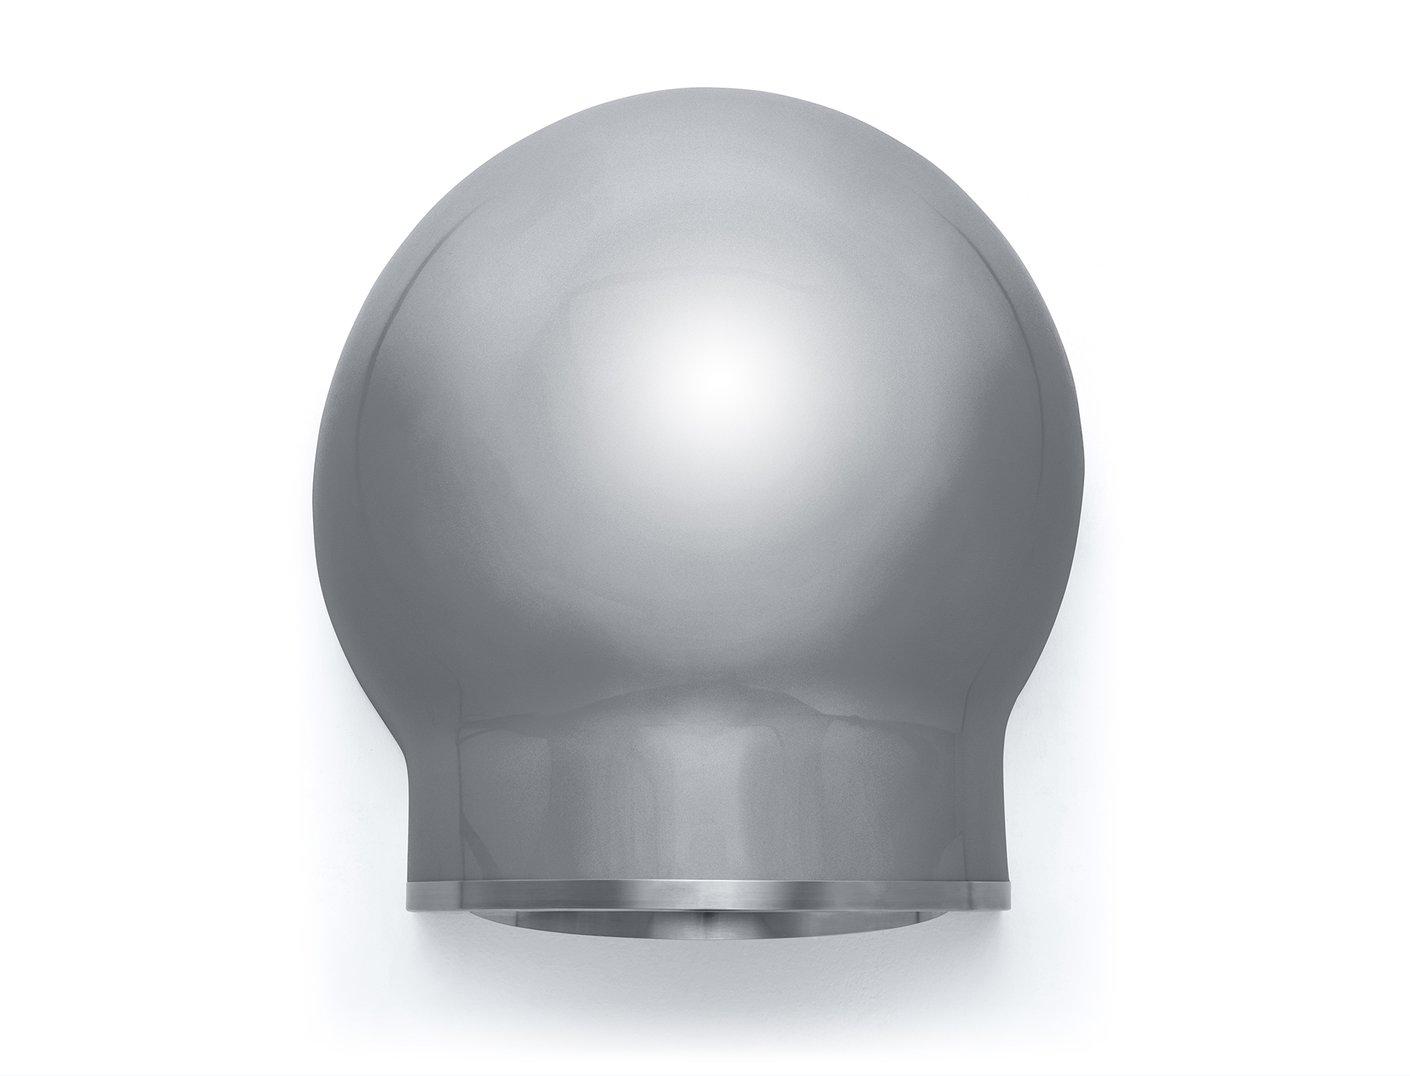 oven-hale-grey-top_1410x1076_crop_center.jpg